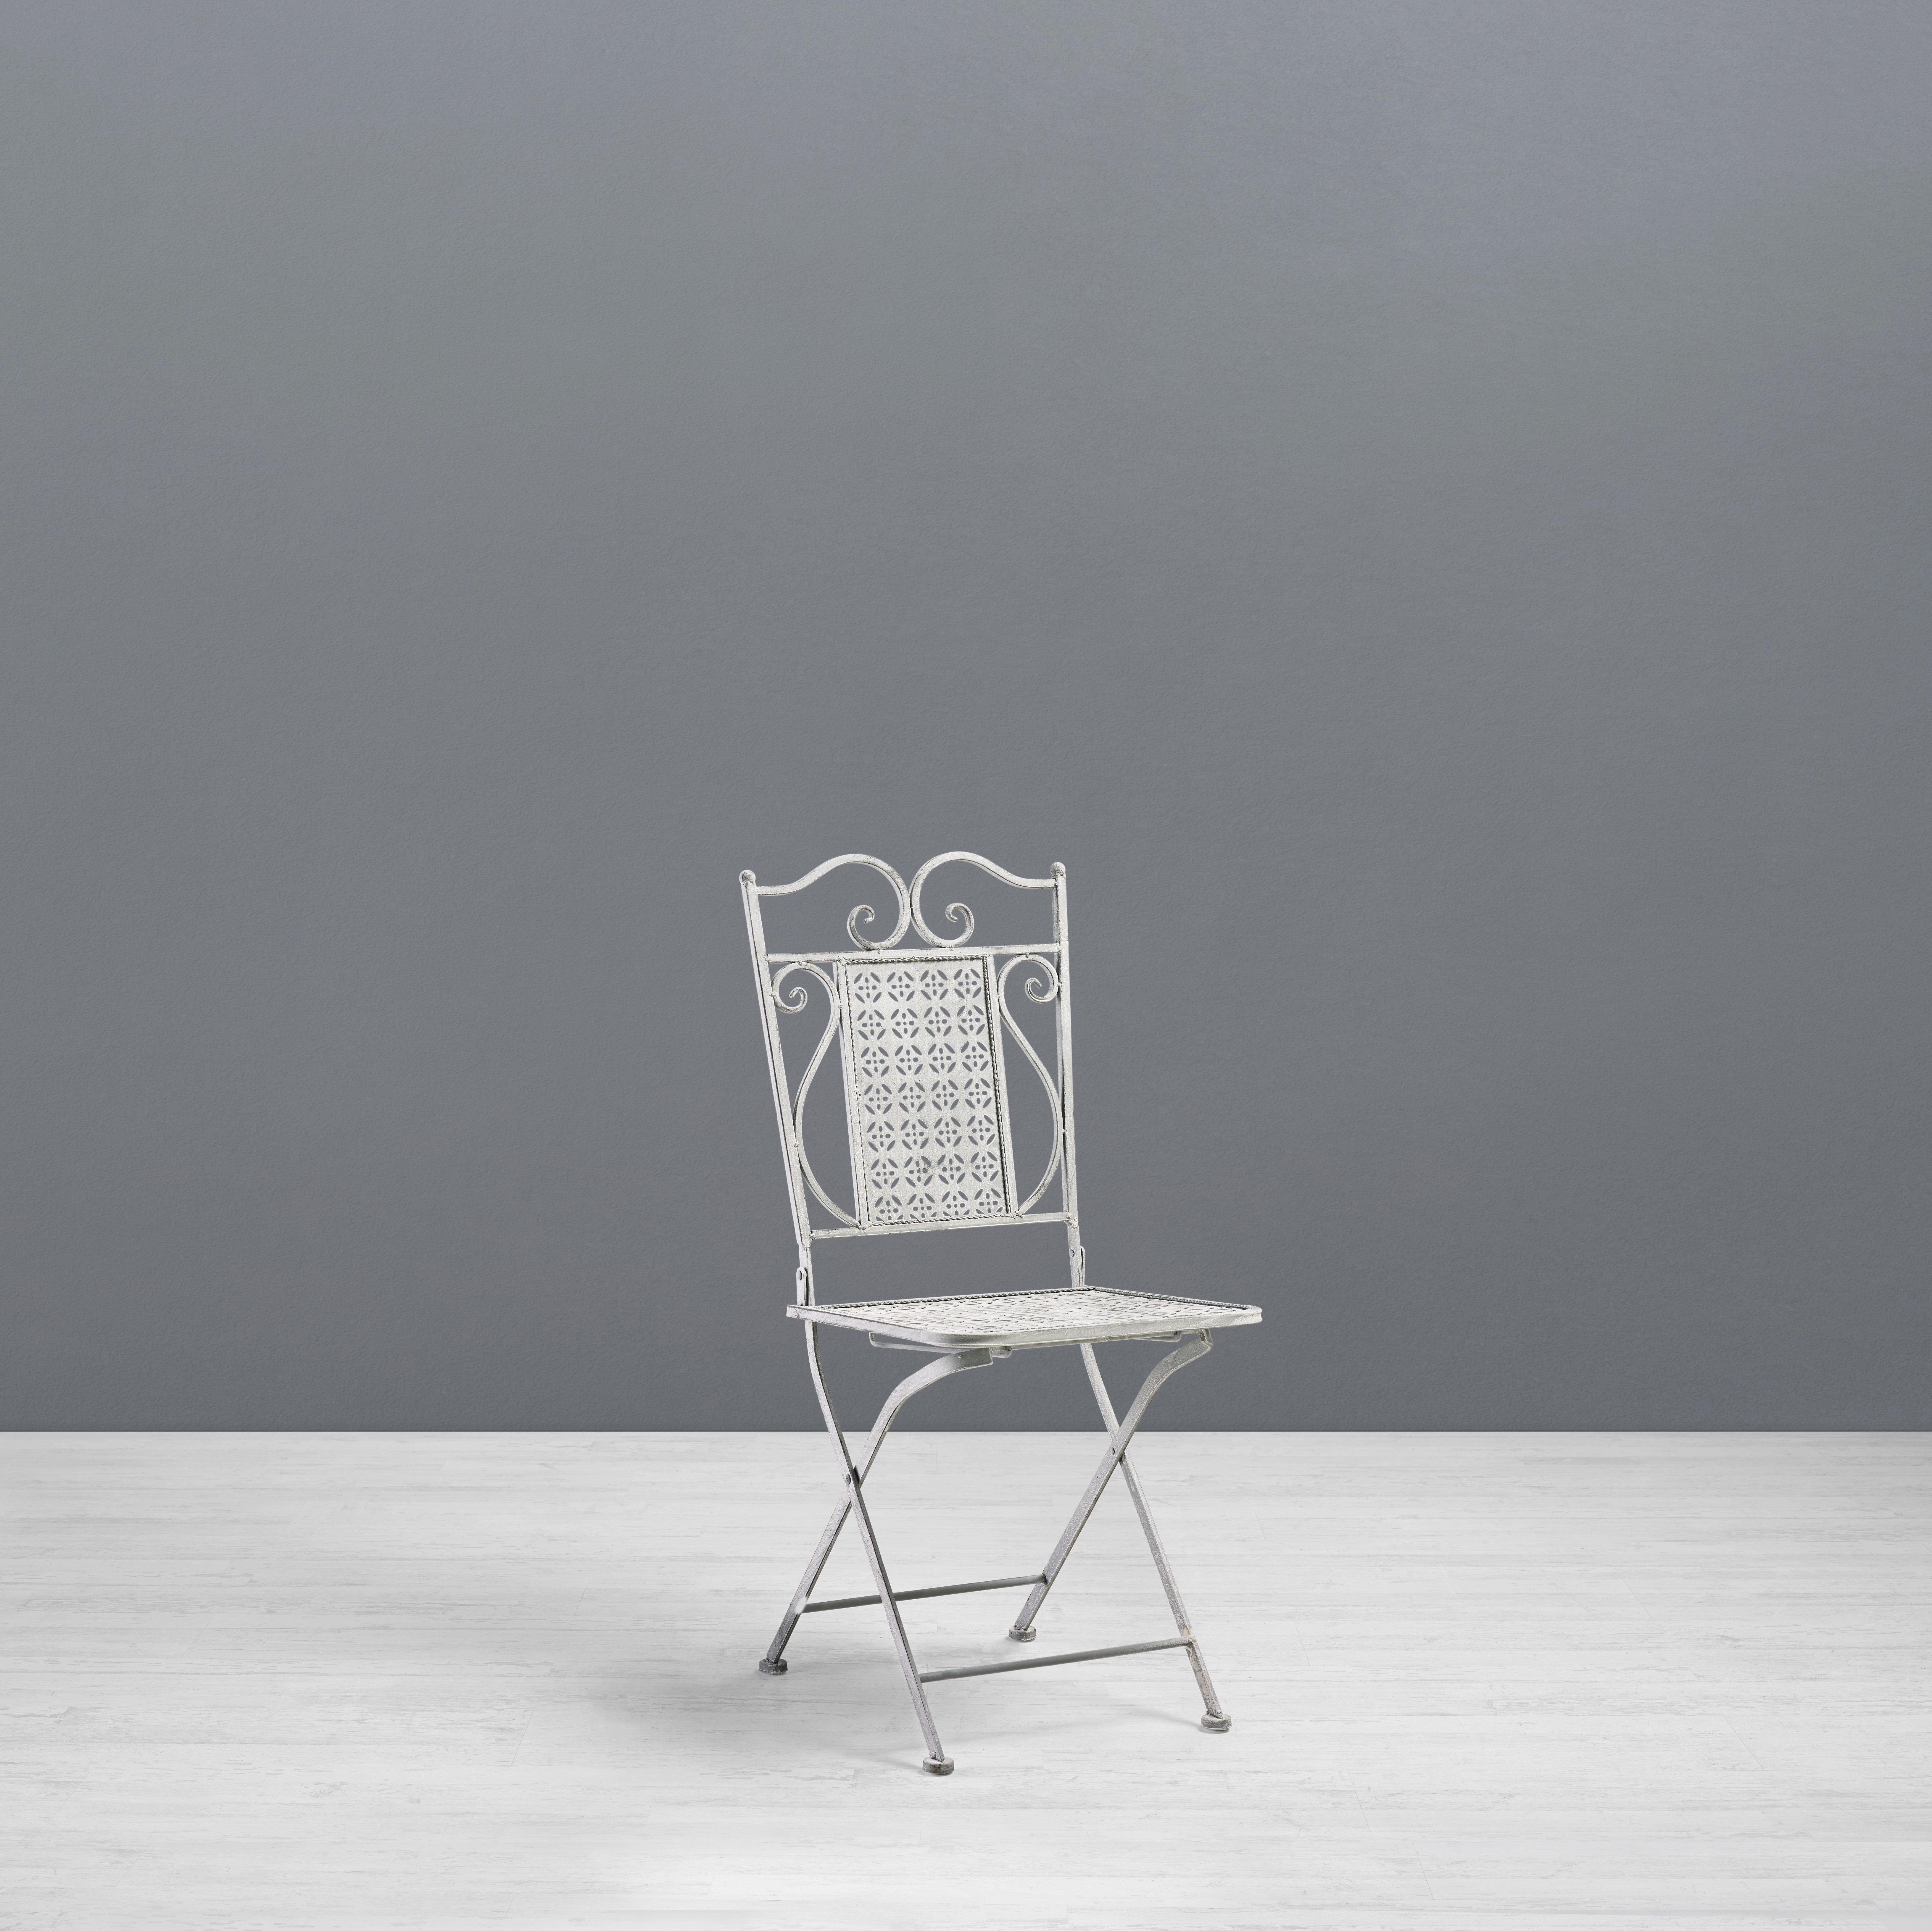 Gartenstuhl Lianne - Hellbraun/Hellgrau, MODERN, Metall (38/92/38cm) - MODERN LIVING